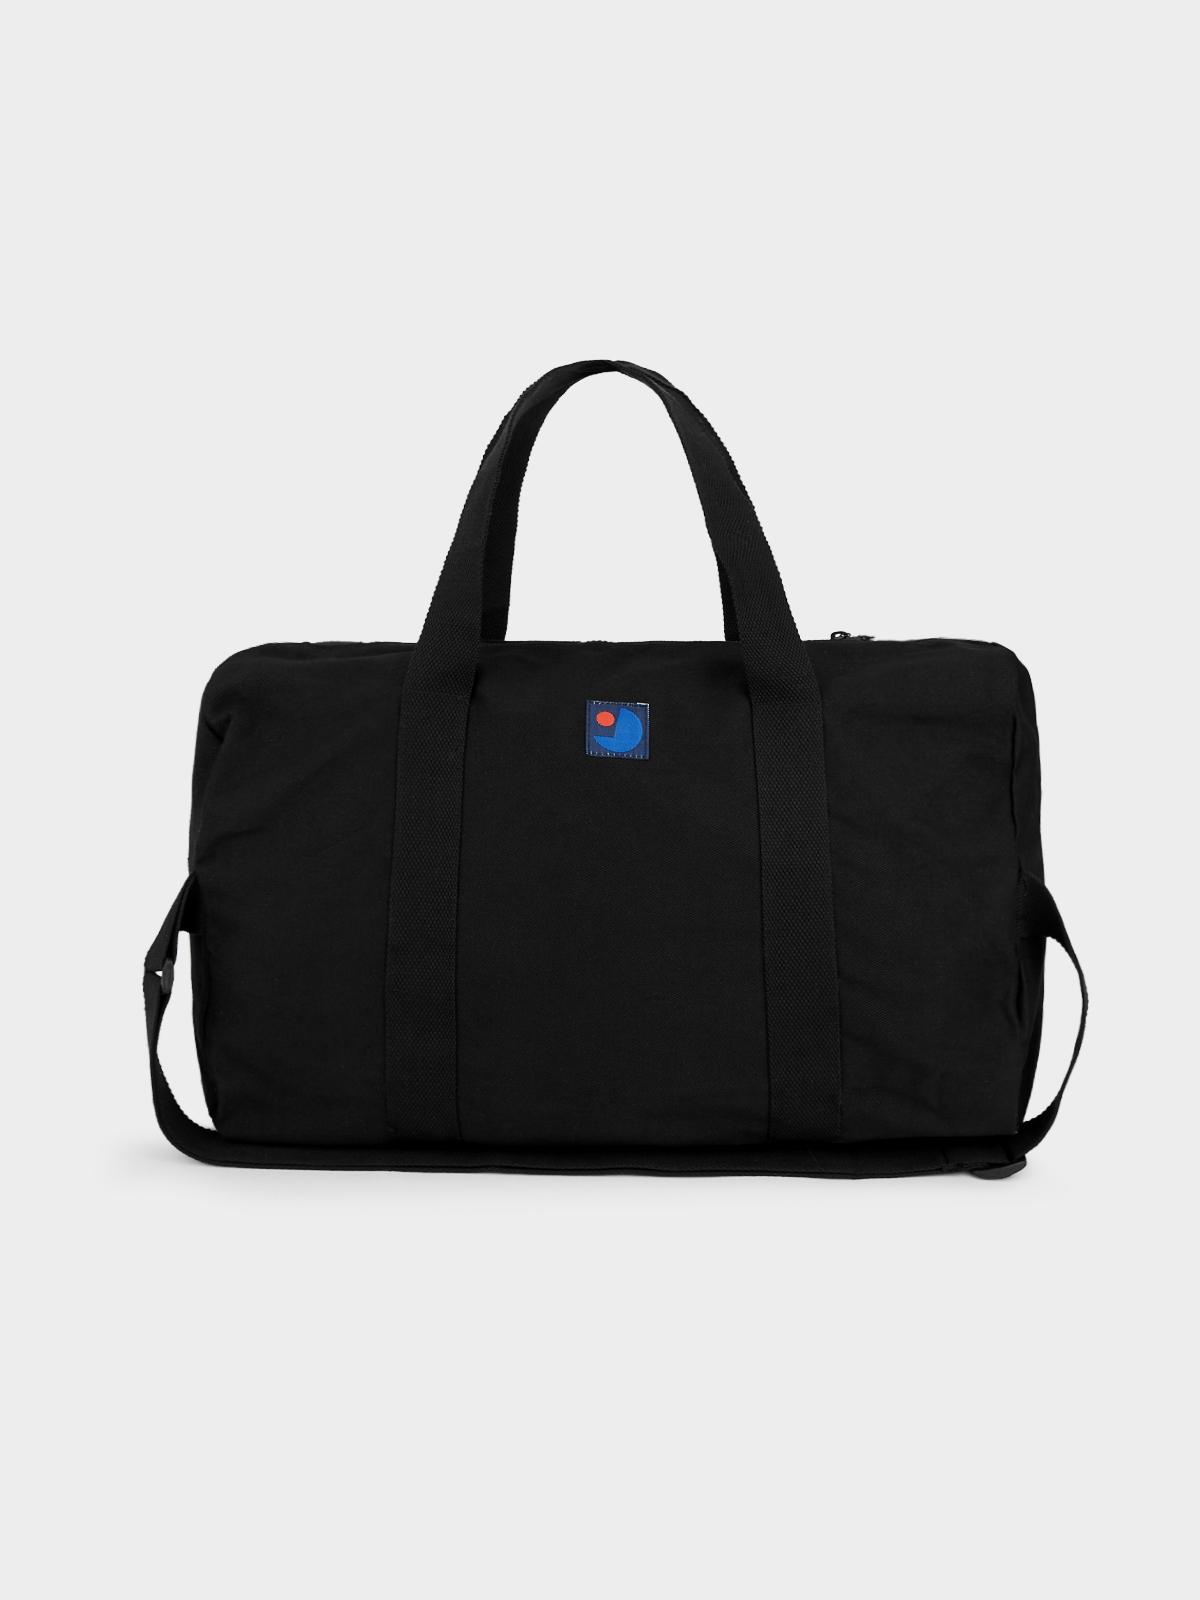 Japfac Duffle Bag Black